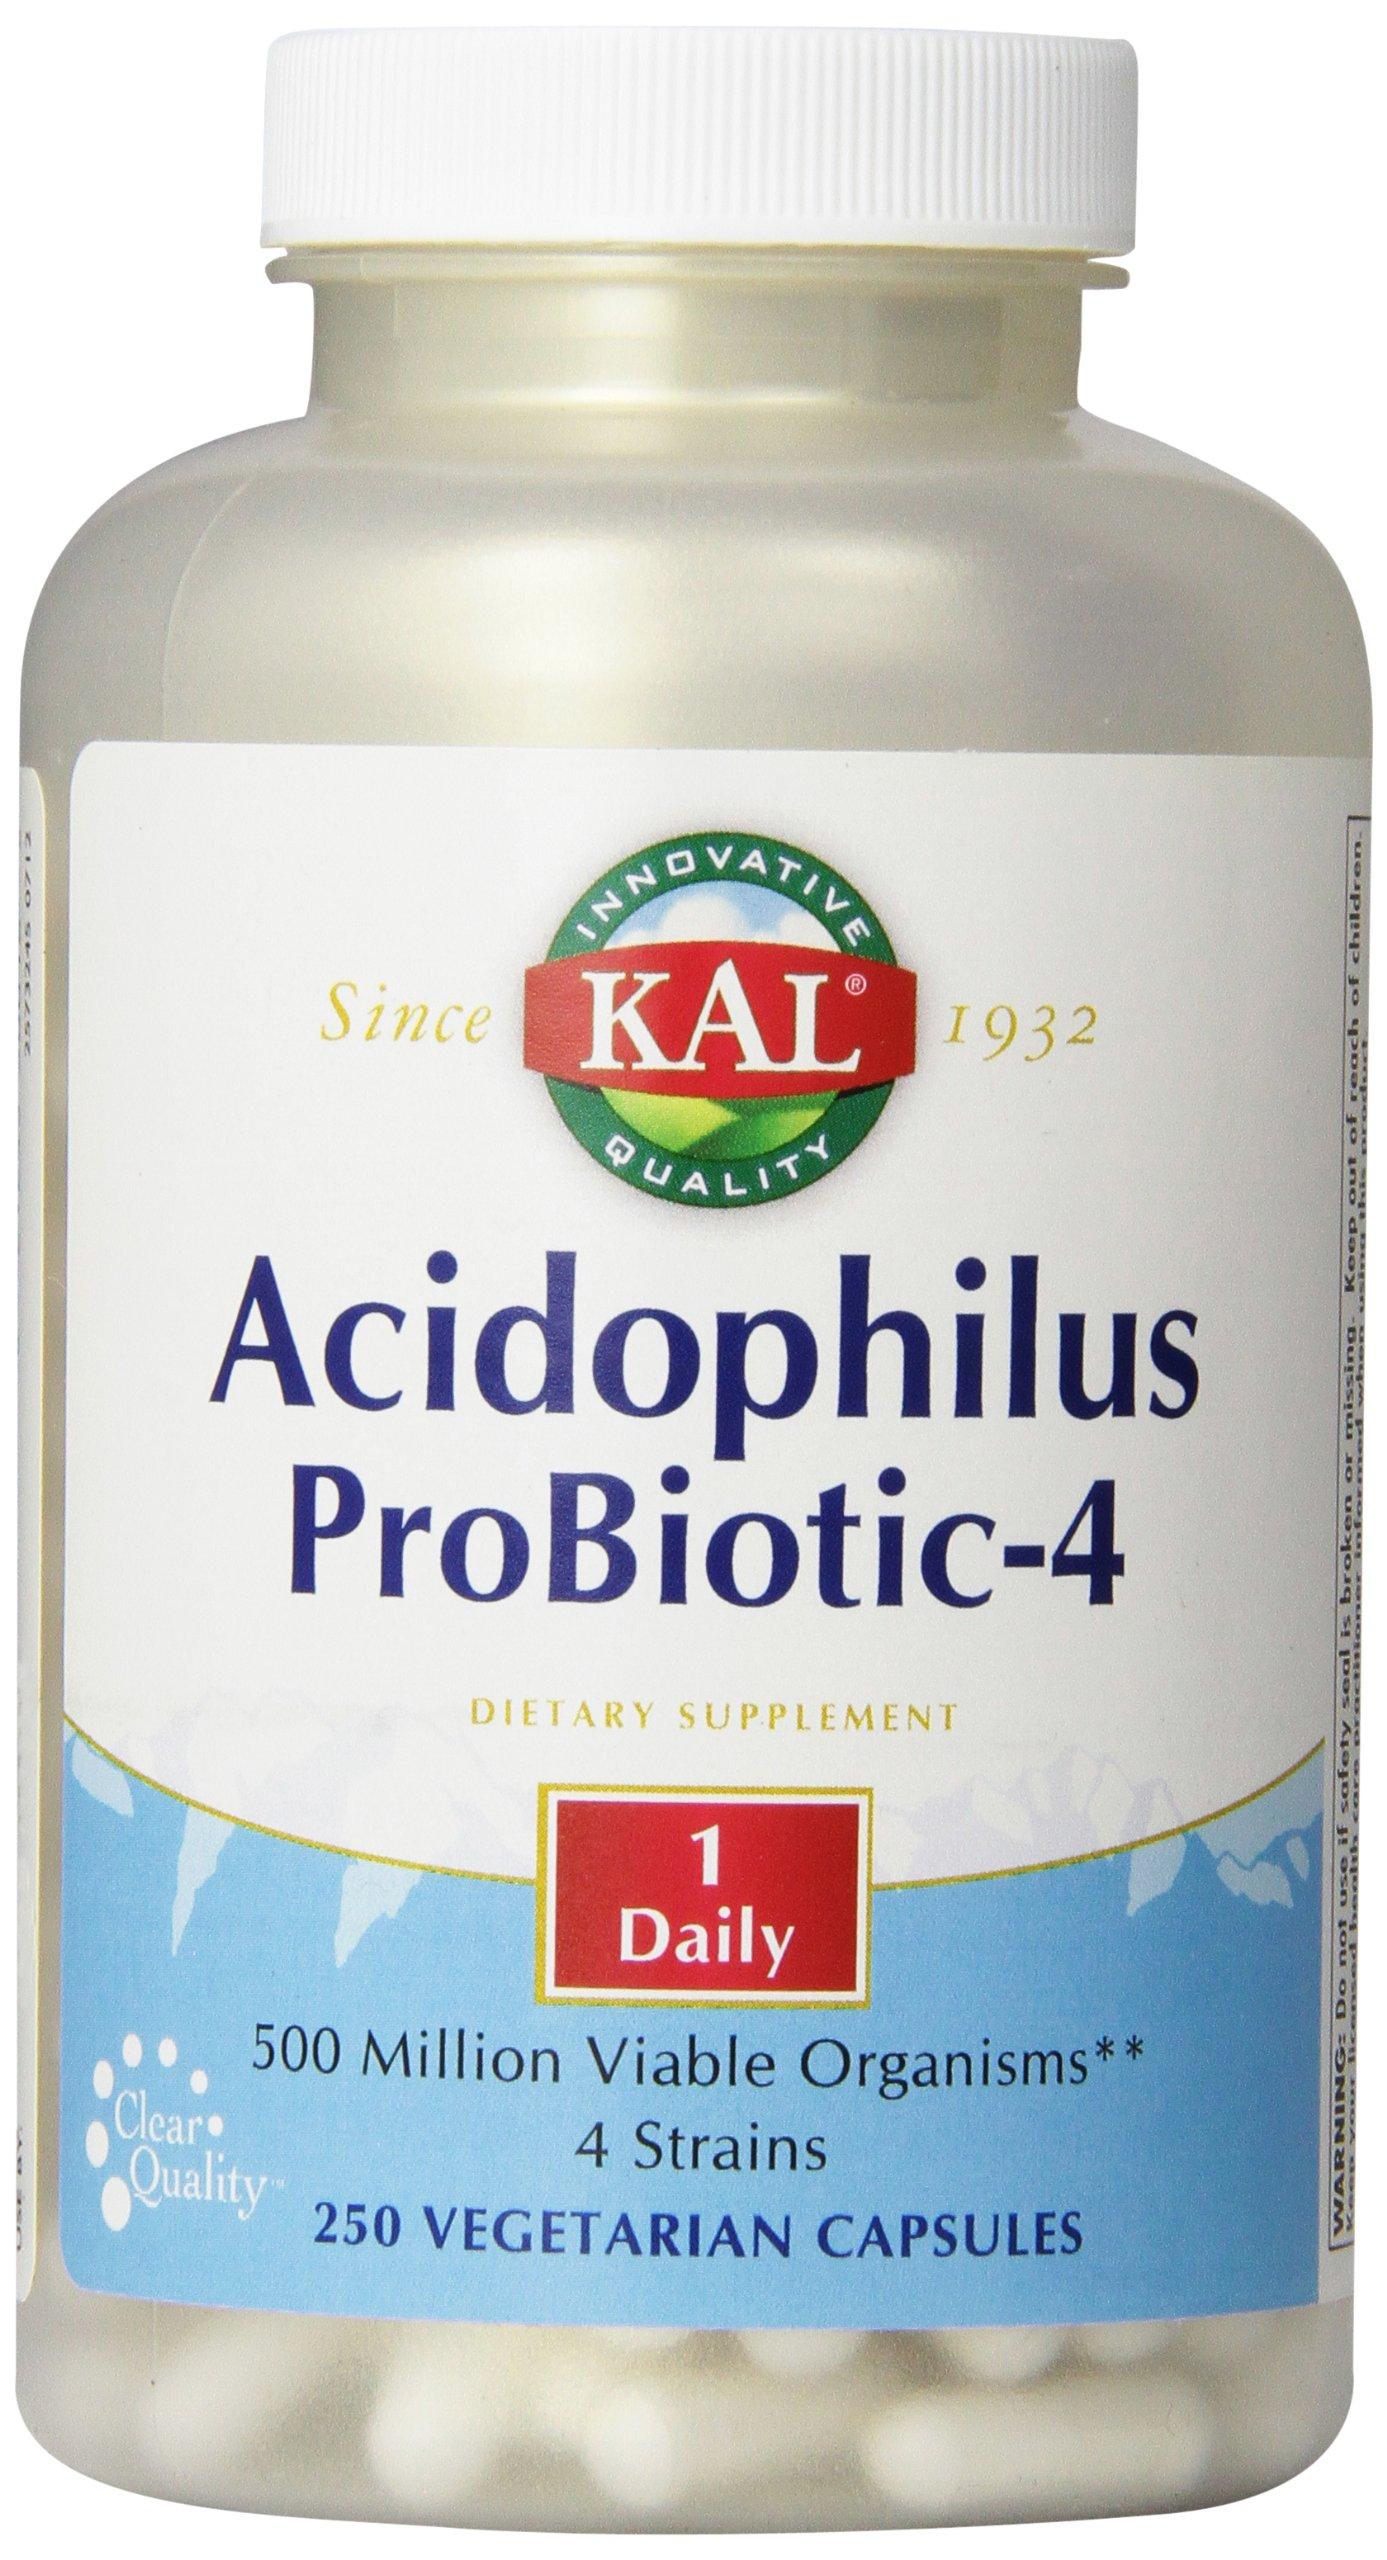 KAL Acidophilus Probiotic-4 Capsules, 250 Count